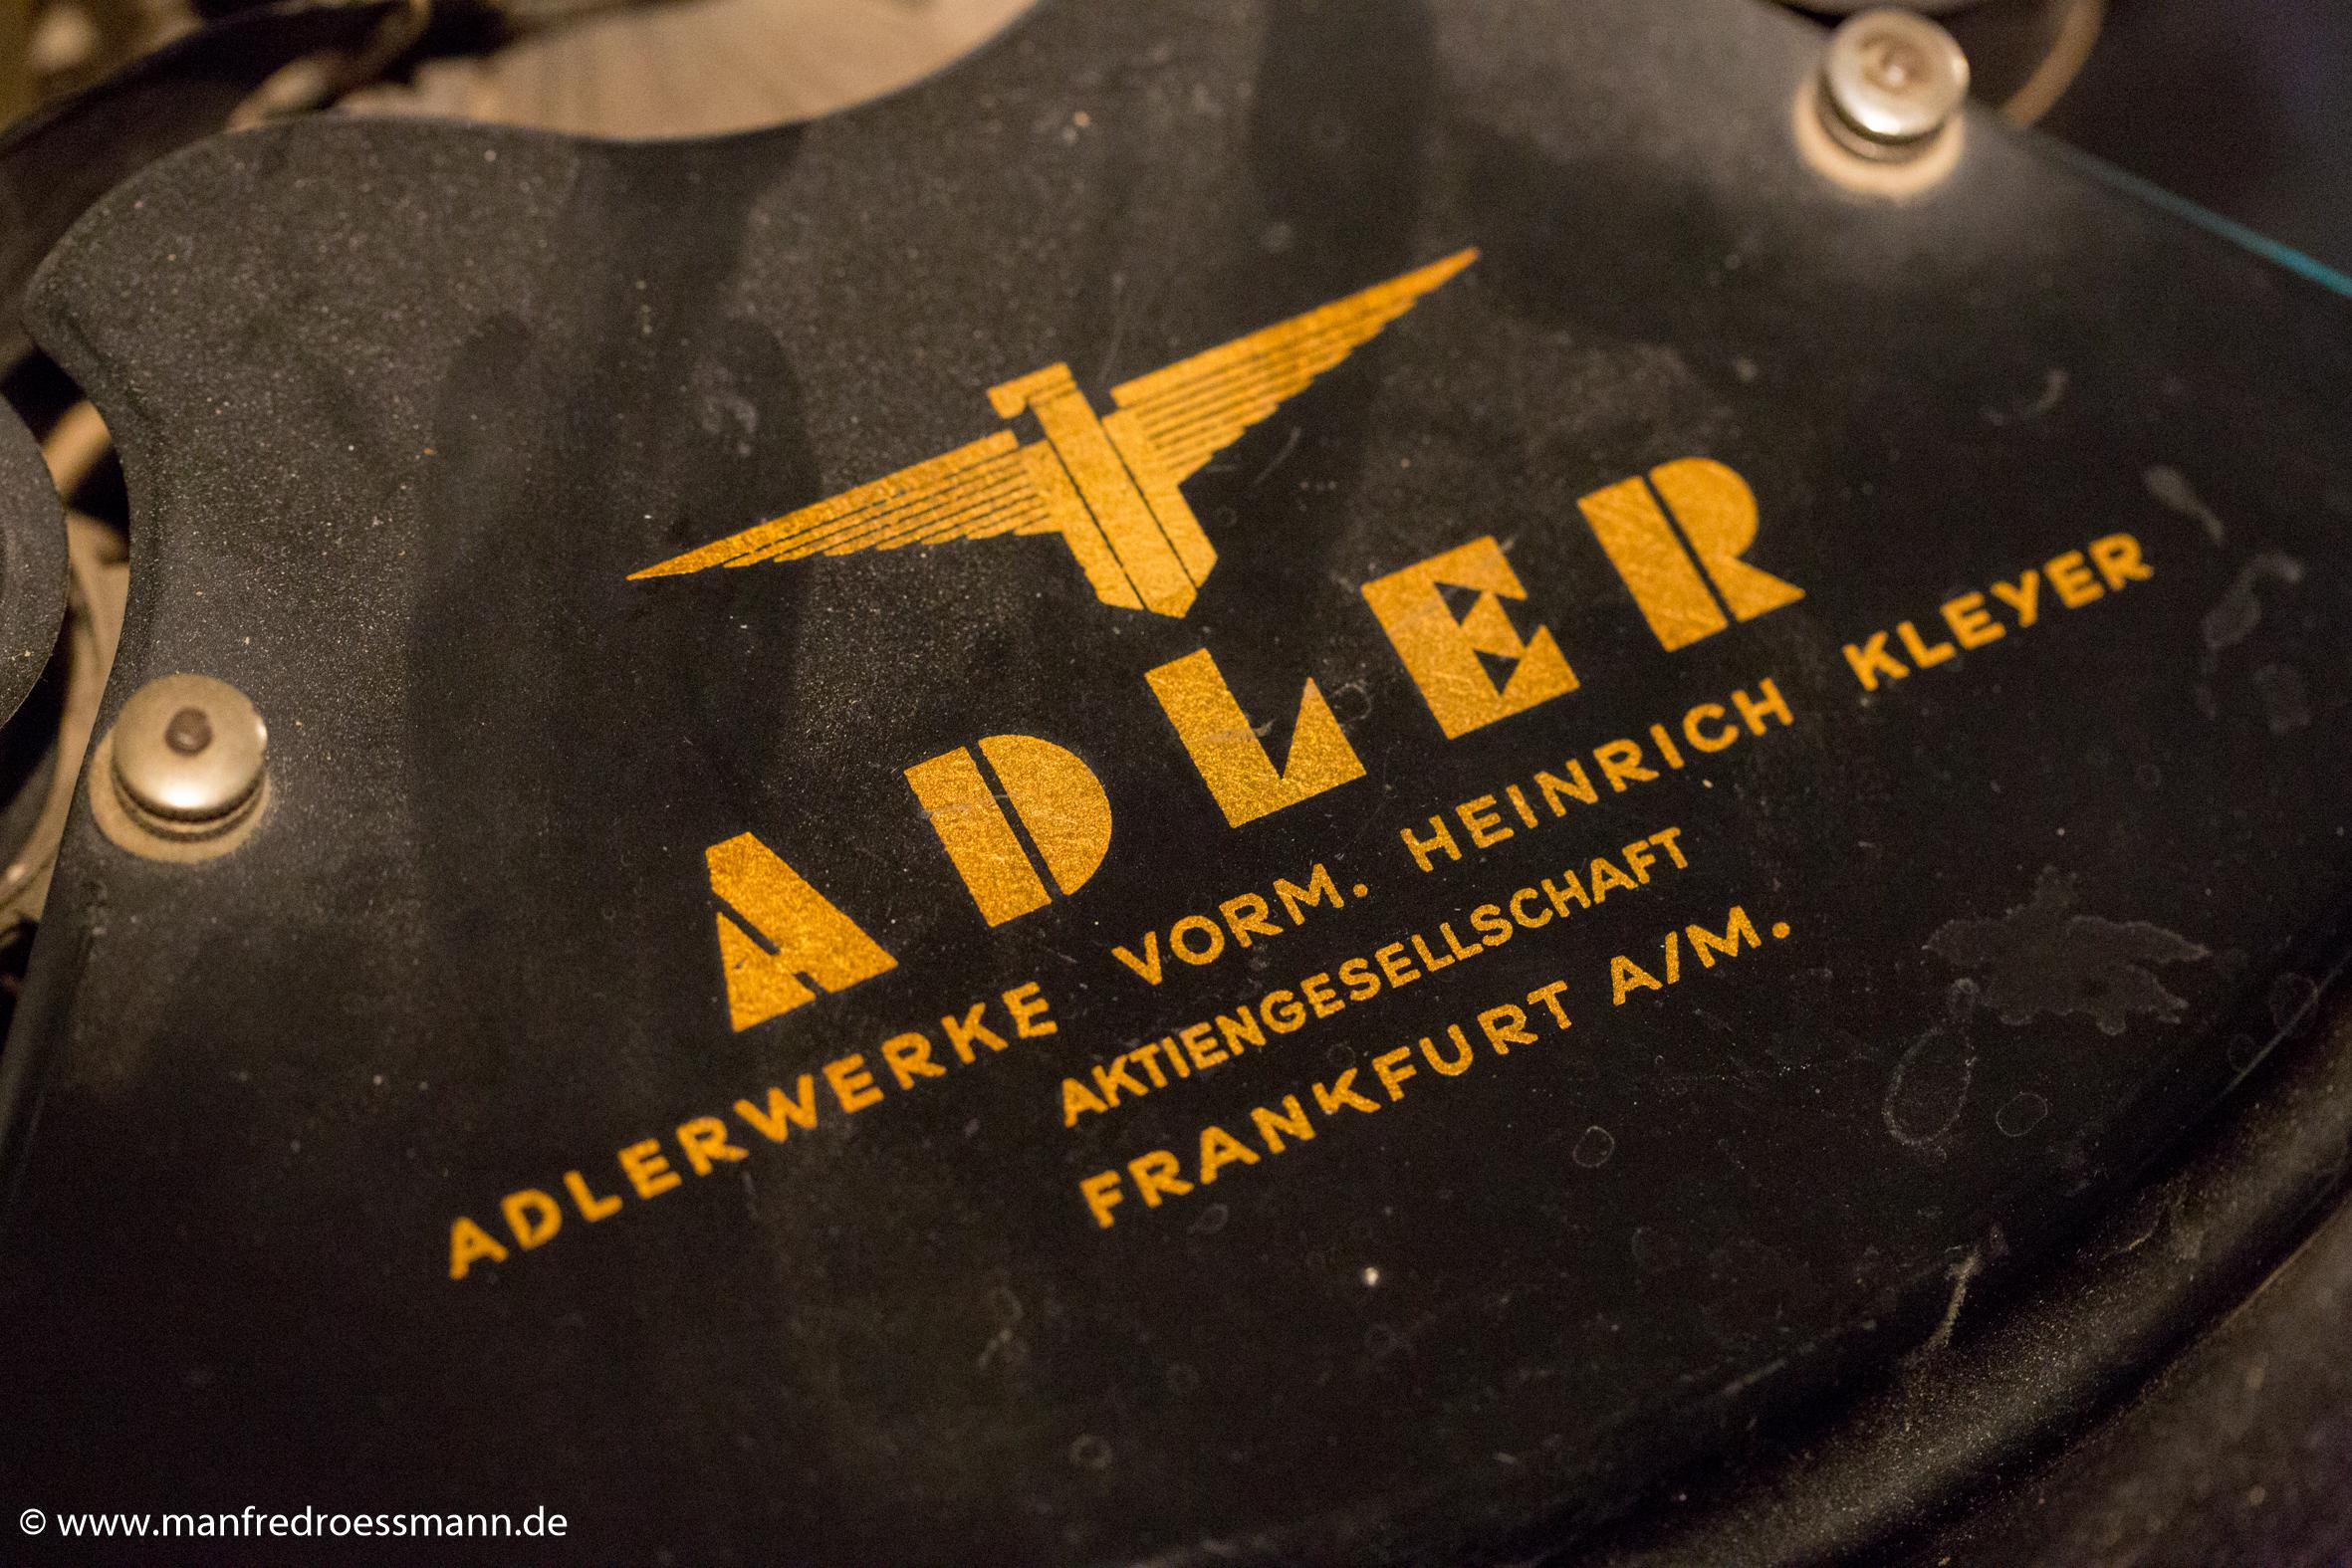 Adler-Schreibmaschin